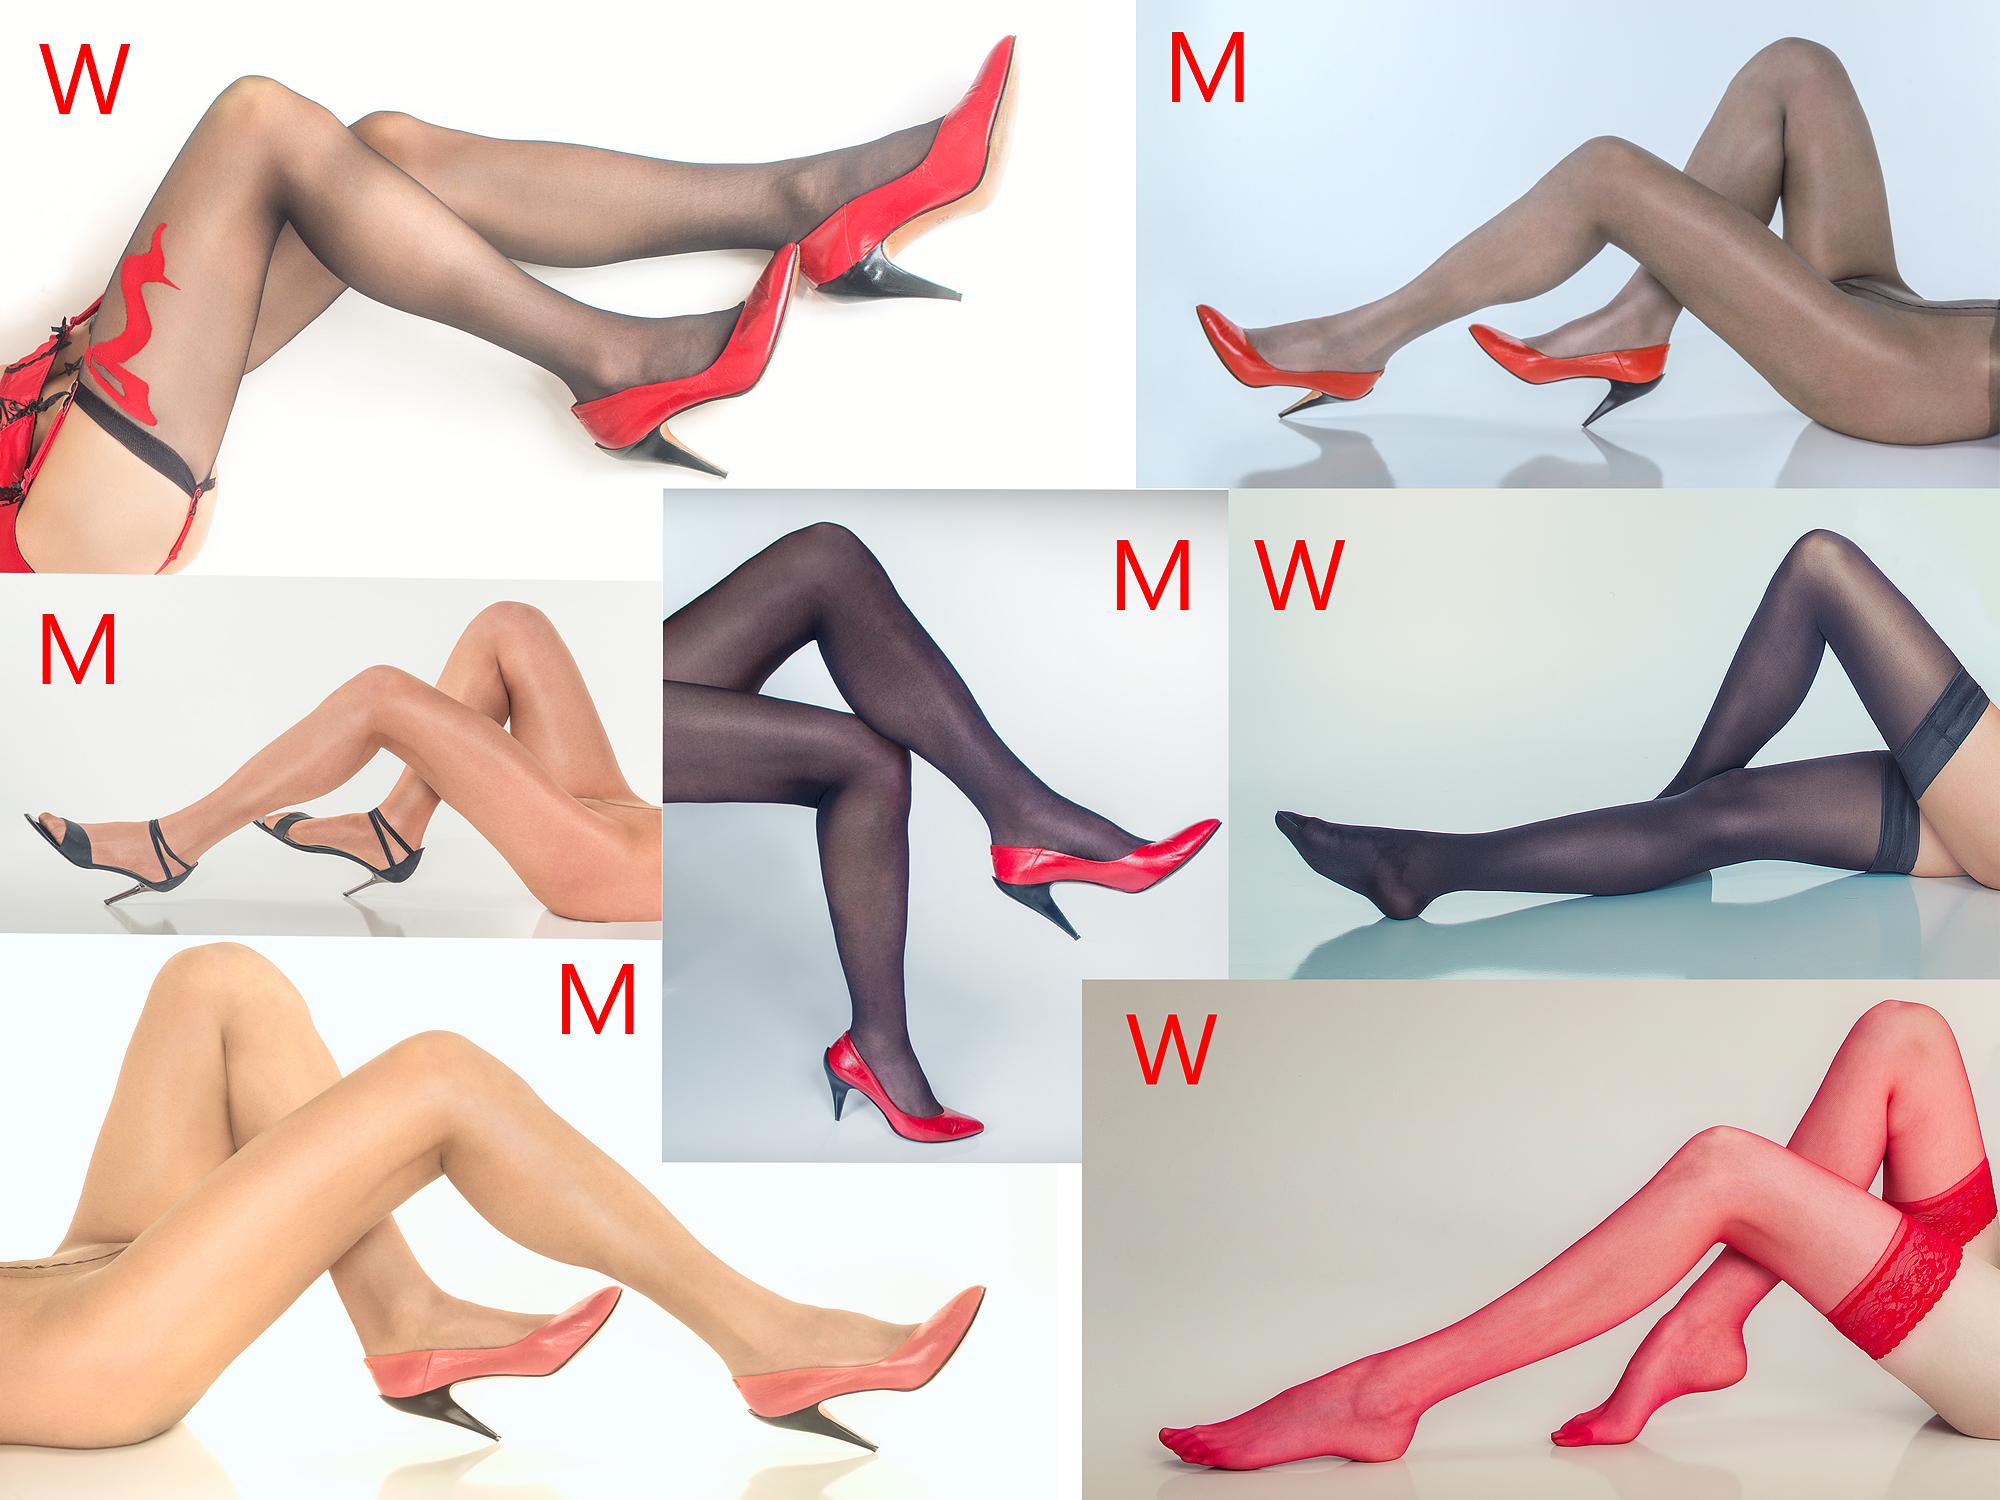 Beine-Auflösung-WEB.jpg